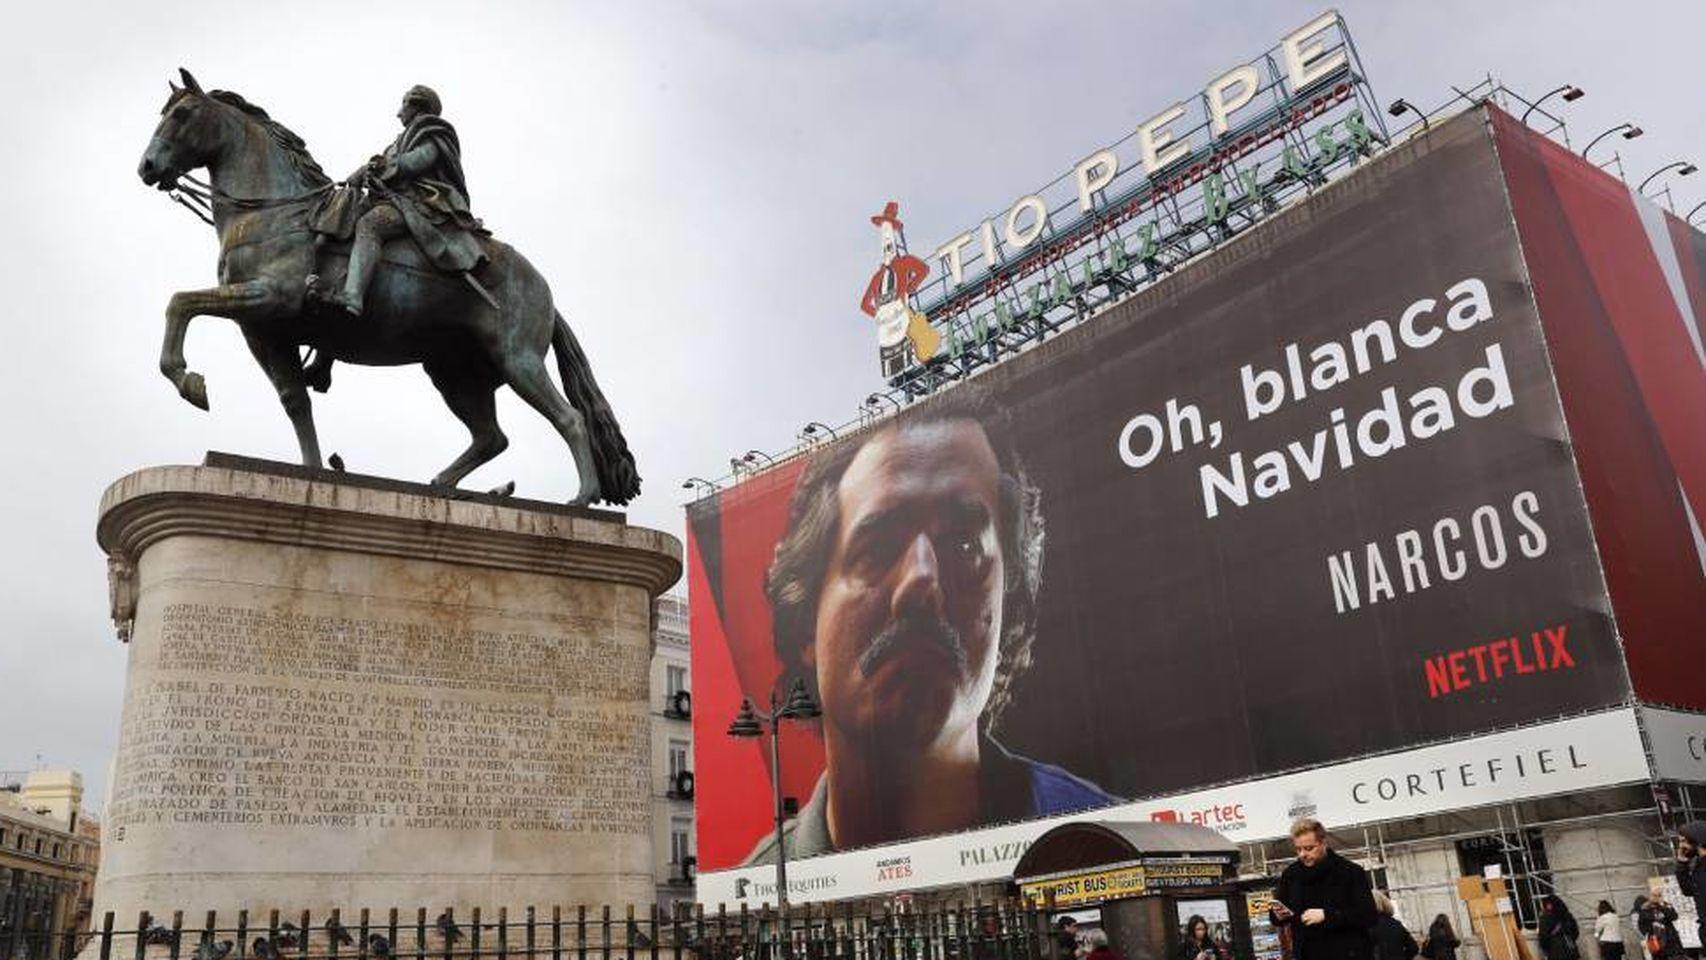 La publicidad exterior de Laporta en Madrid: ¿provocación o genialidad?  - Lona  de Netflix en Madrid